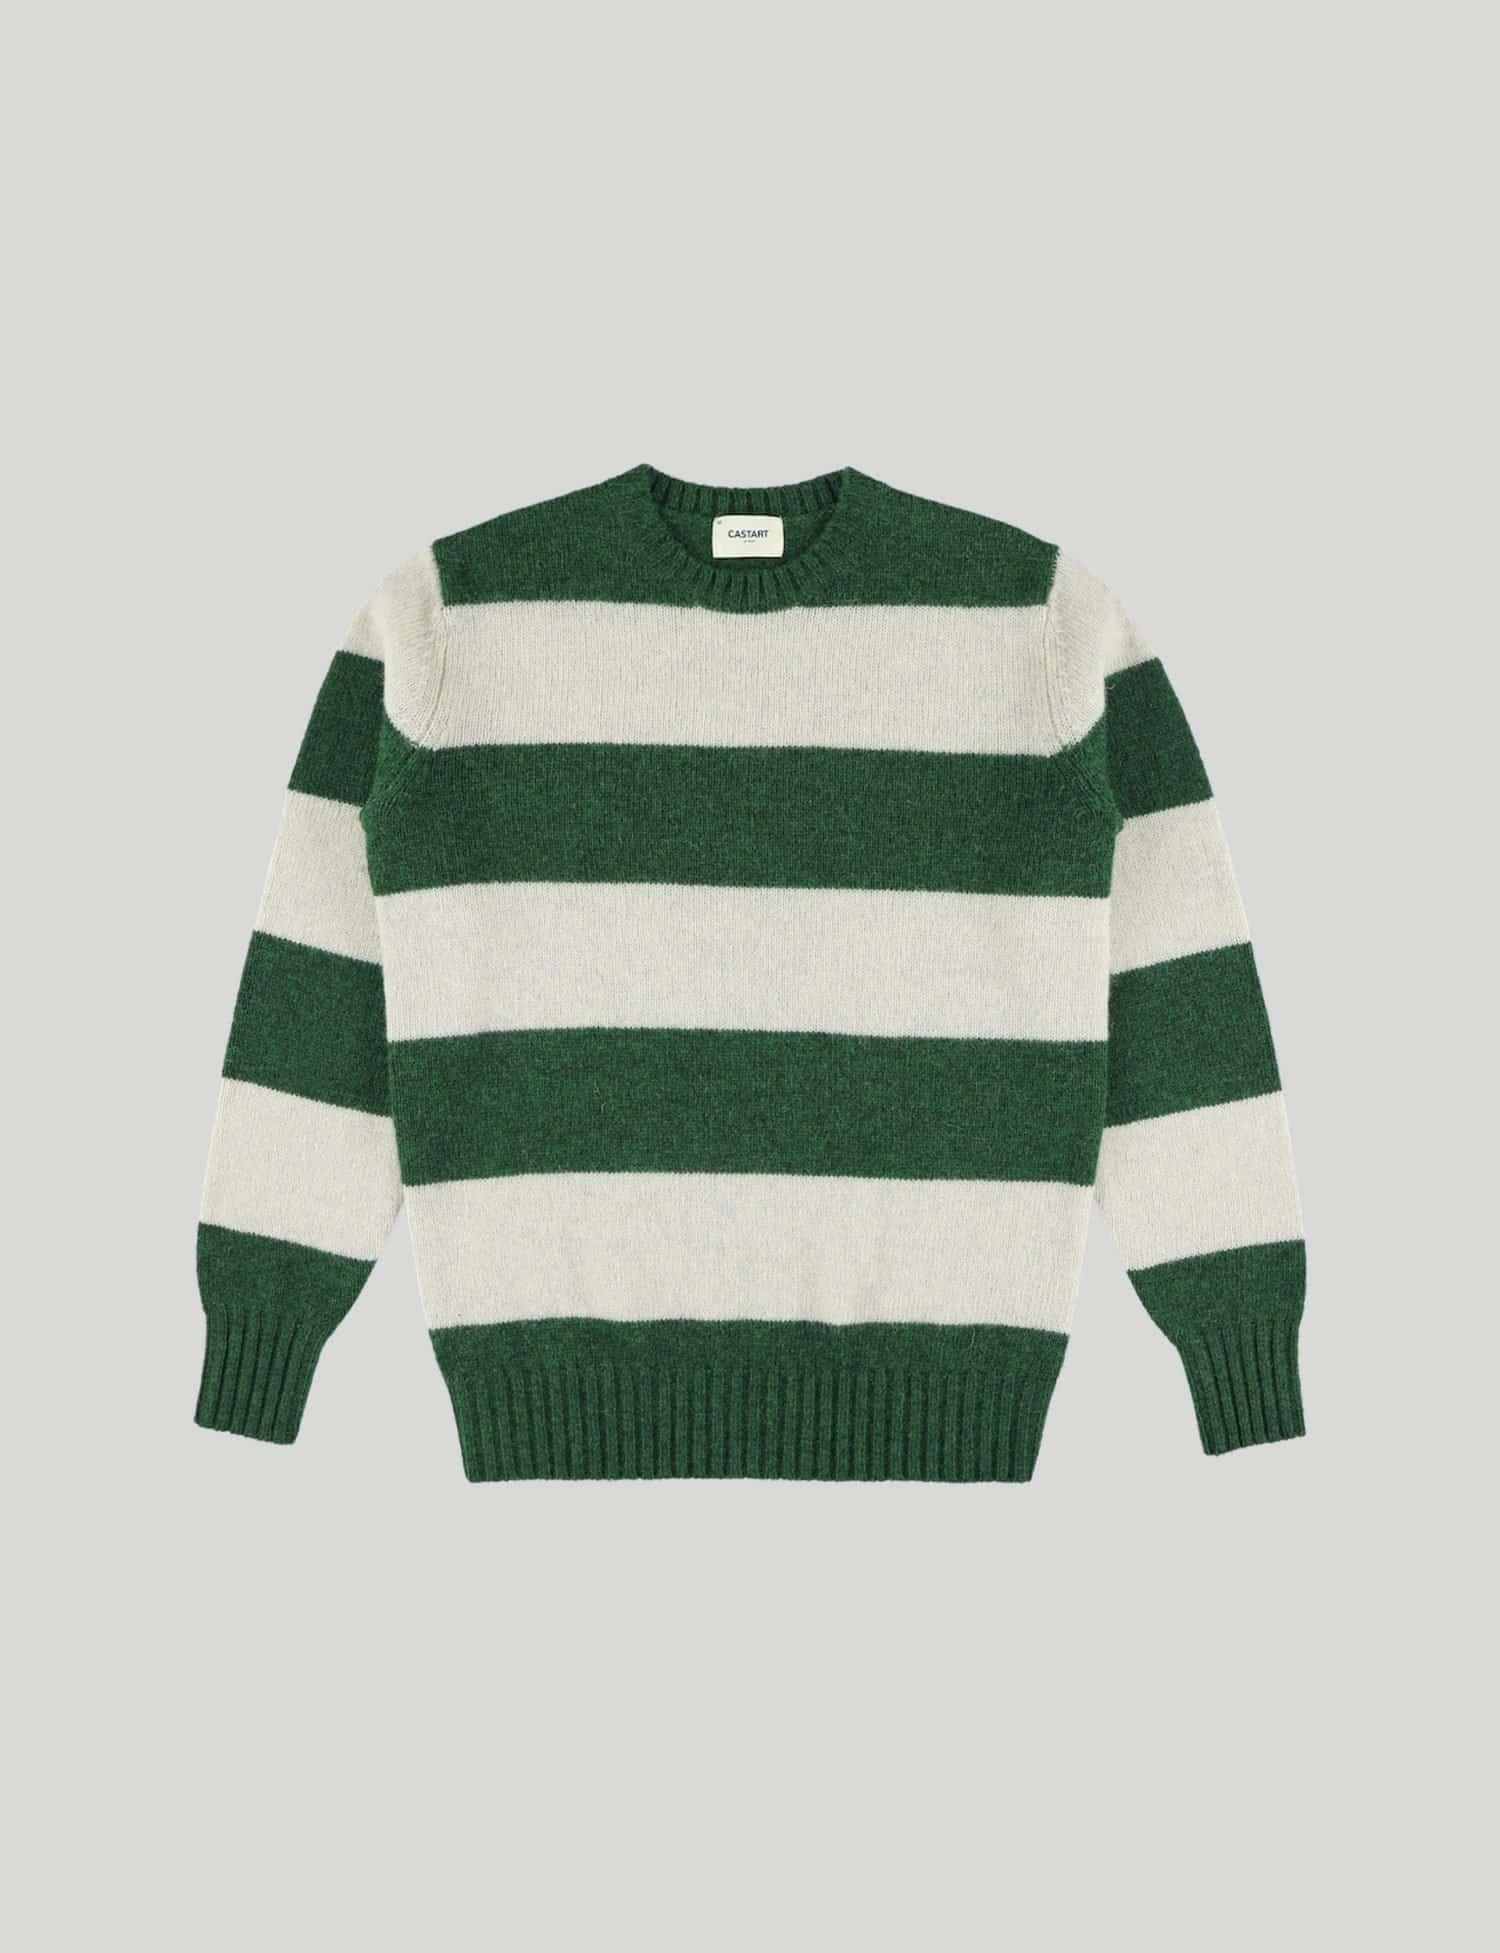 Castart - Poppelino Knitwear - Green